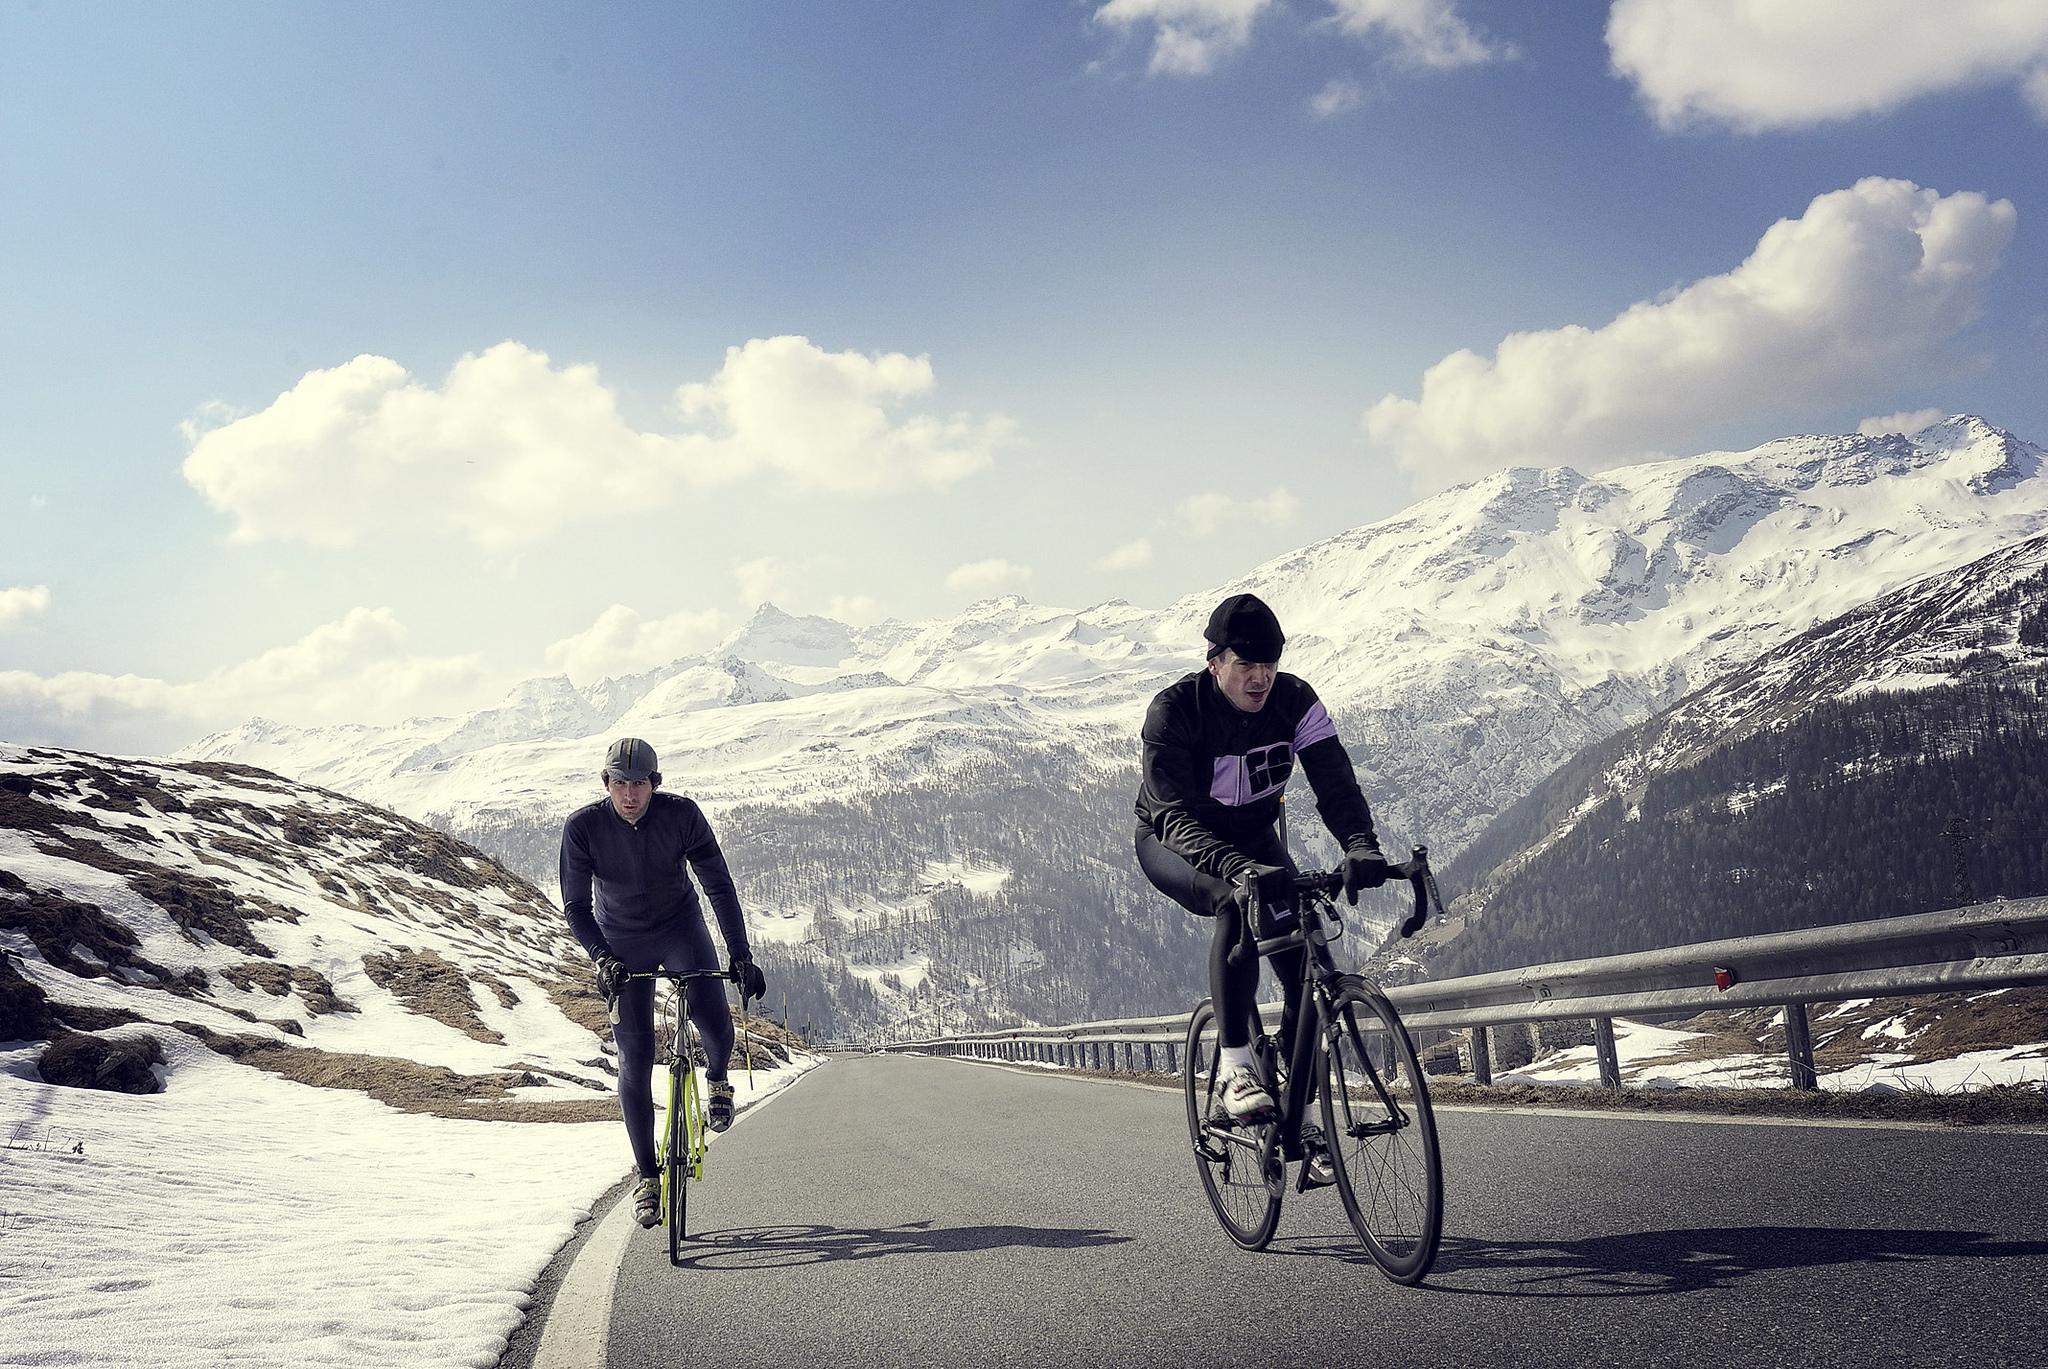 Passoni owner Matteo Cassina on his favourite ride up the Passo Dello Spluga